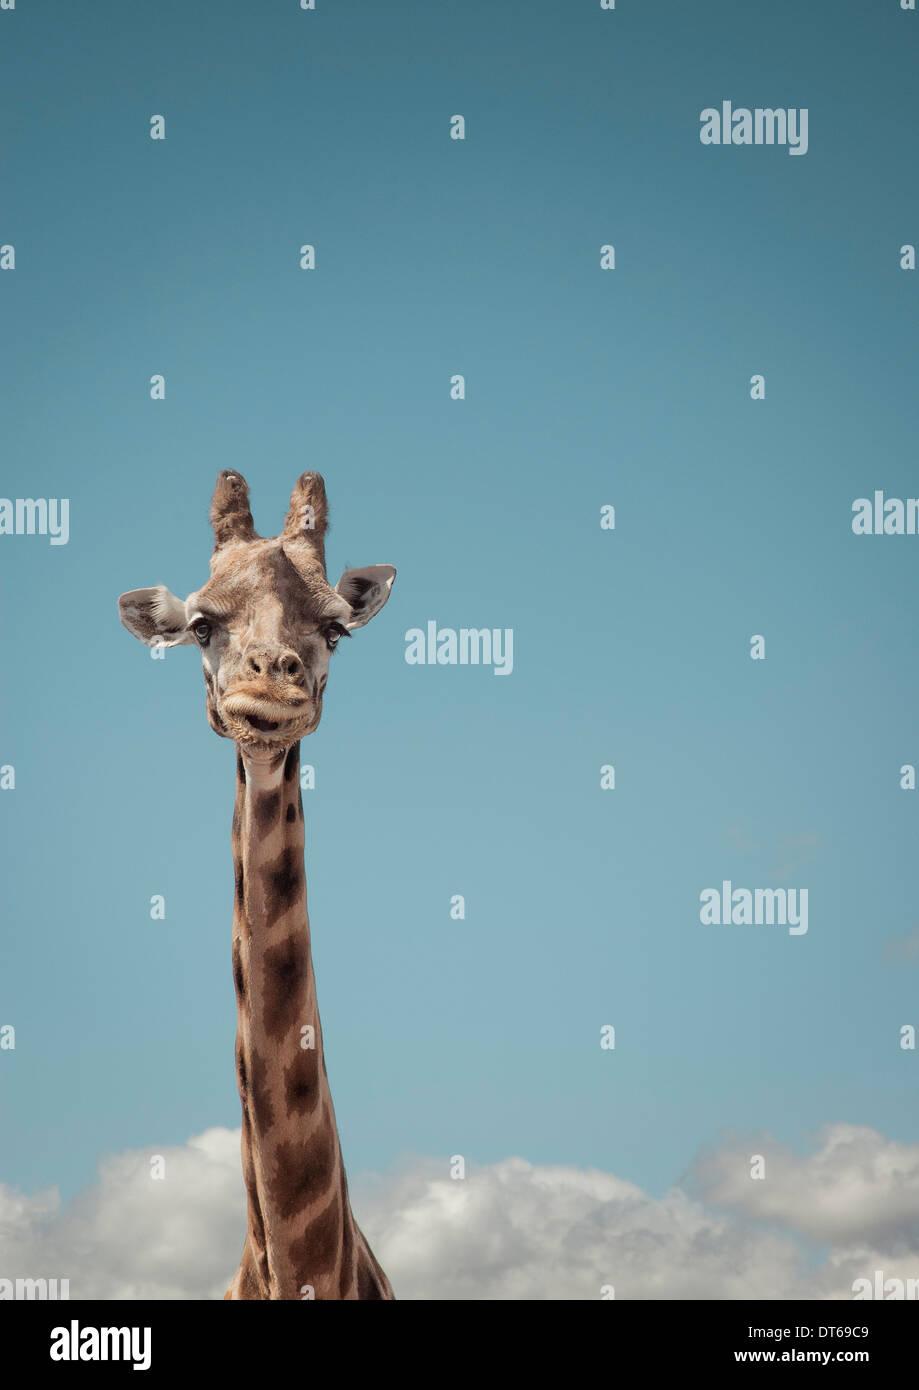 Ritratto di giraffa e cielo blu Immagini Stock